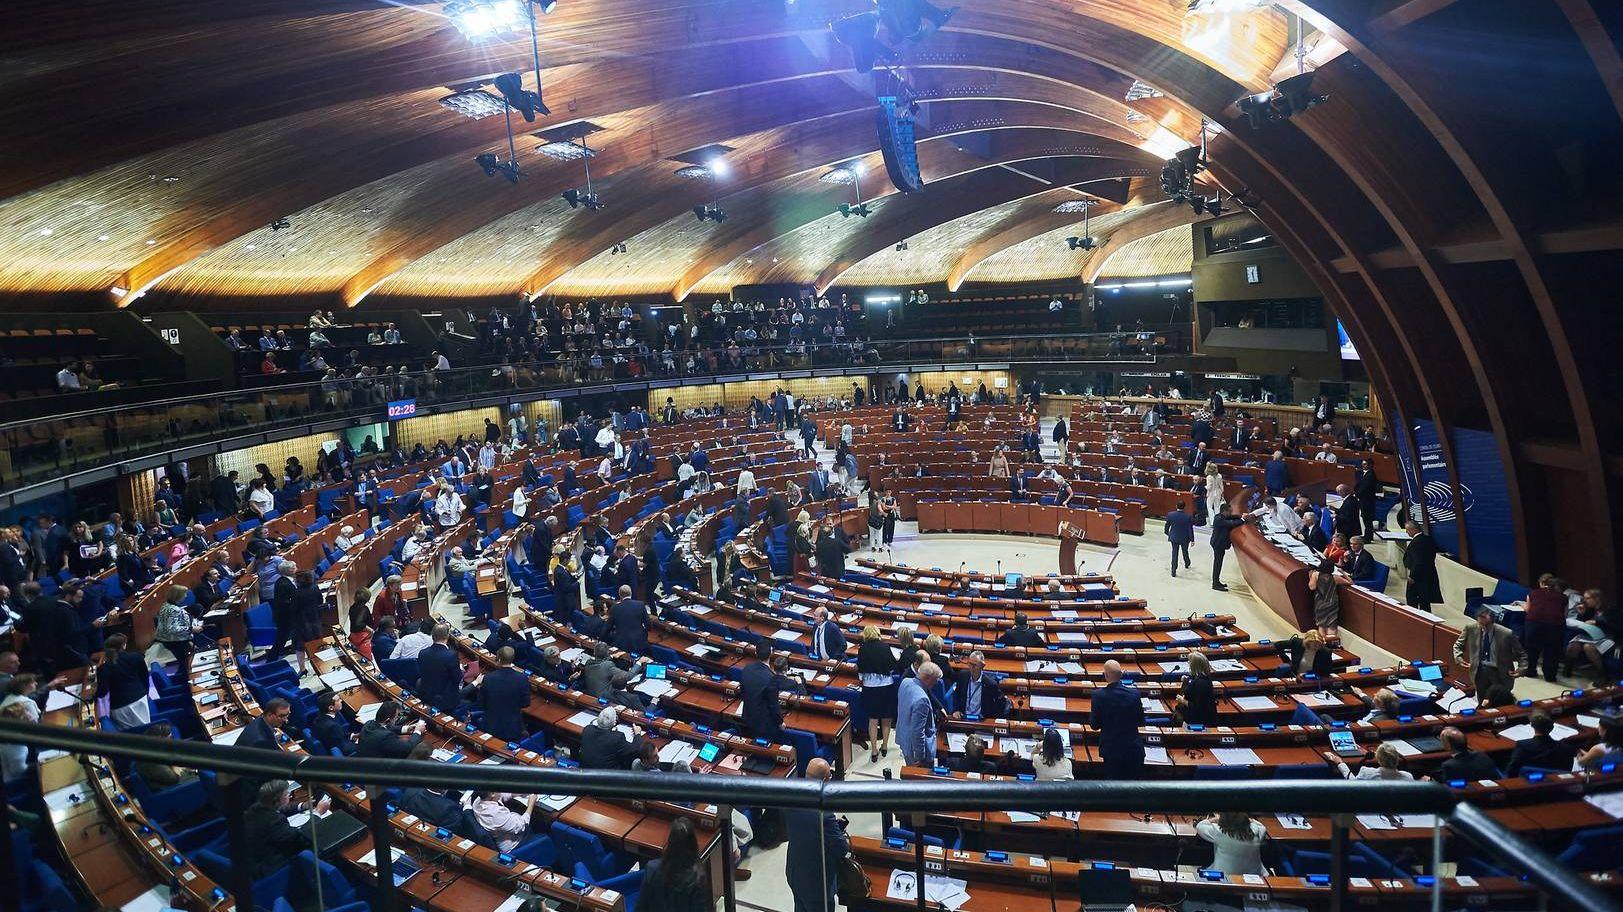 Зал Совета Европы (ПАСЕ)